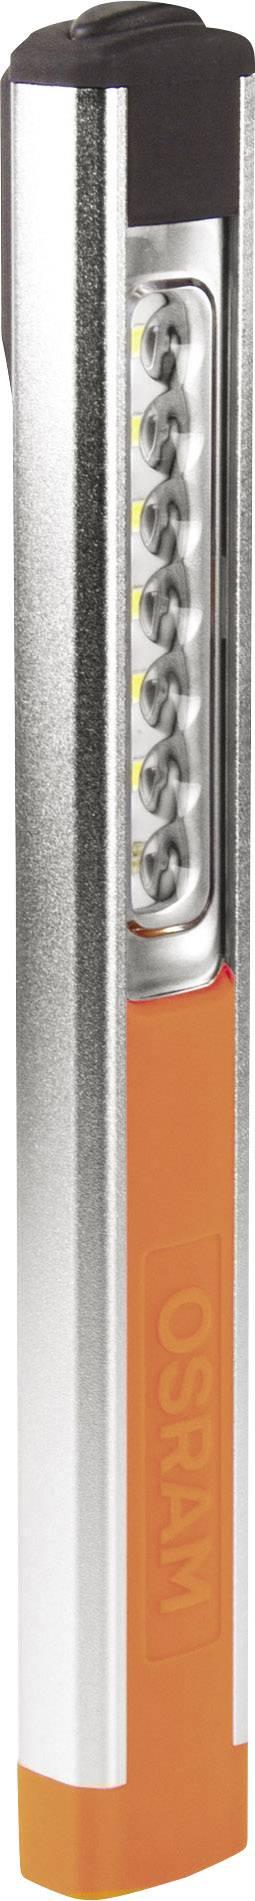 izdelek-led-svetilka-na-akumulatorsko-napajanje-osram-ledil105-150-l